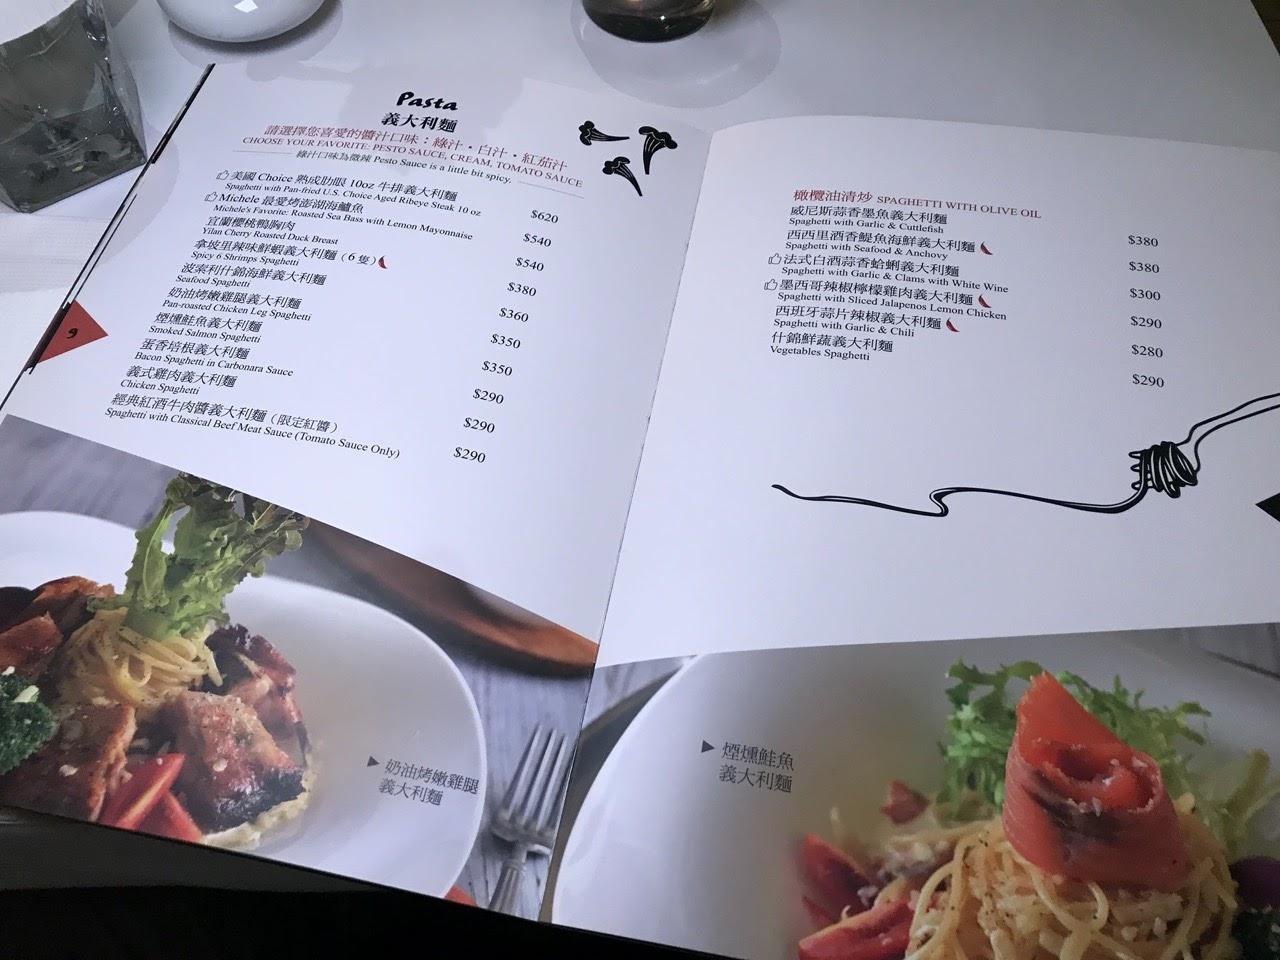 【台中 西屯】菲菲花園‧義式餐廳 在地深耕15年的義式餐廳 難忘的和牛排餐與道地的義式燉飯 台中西屯牛排